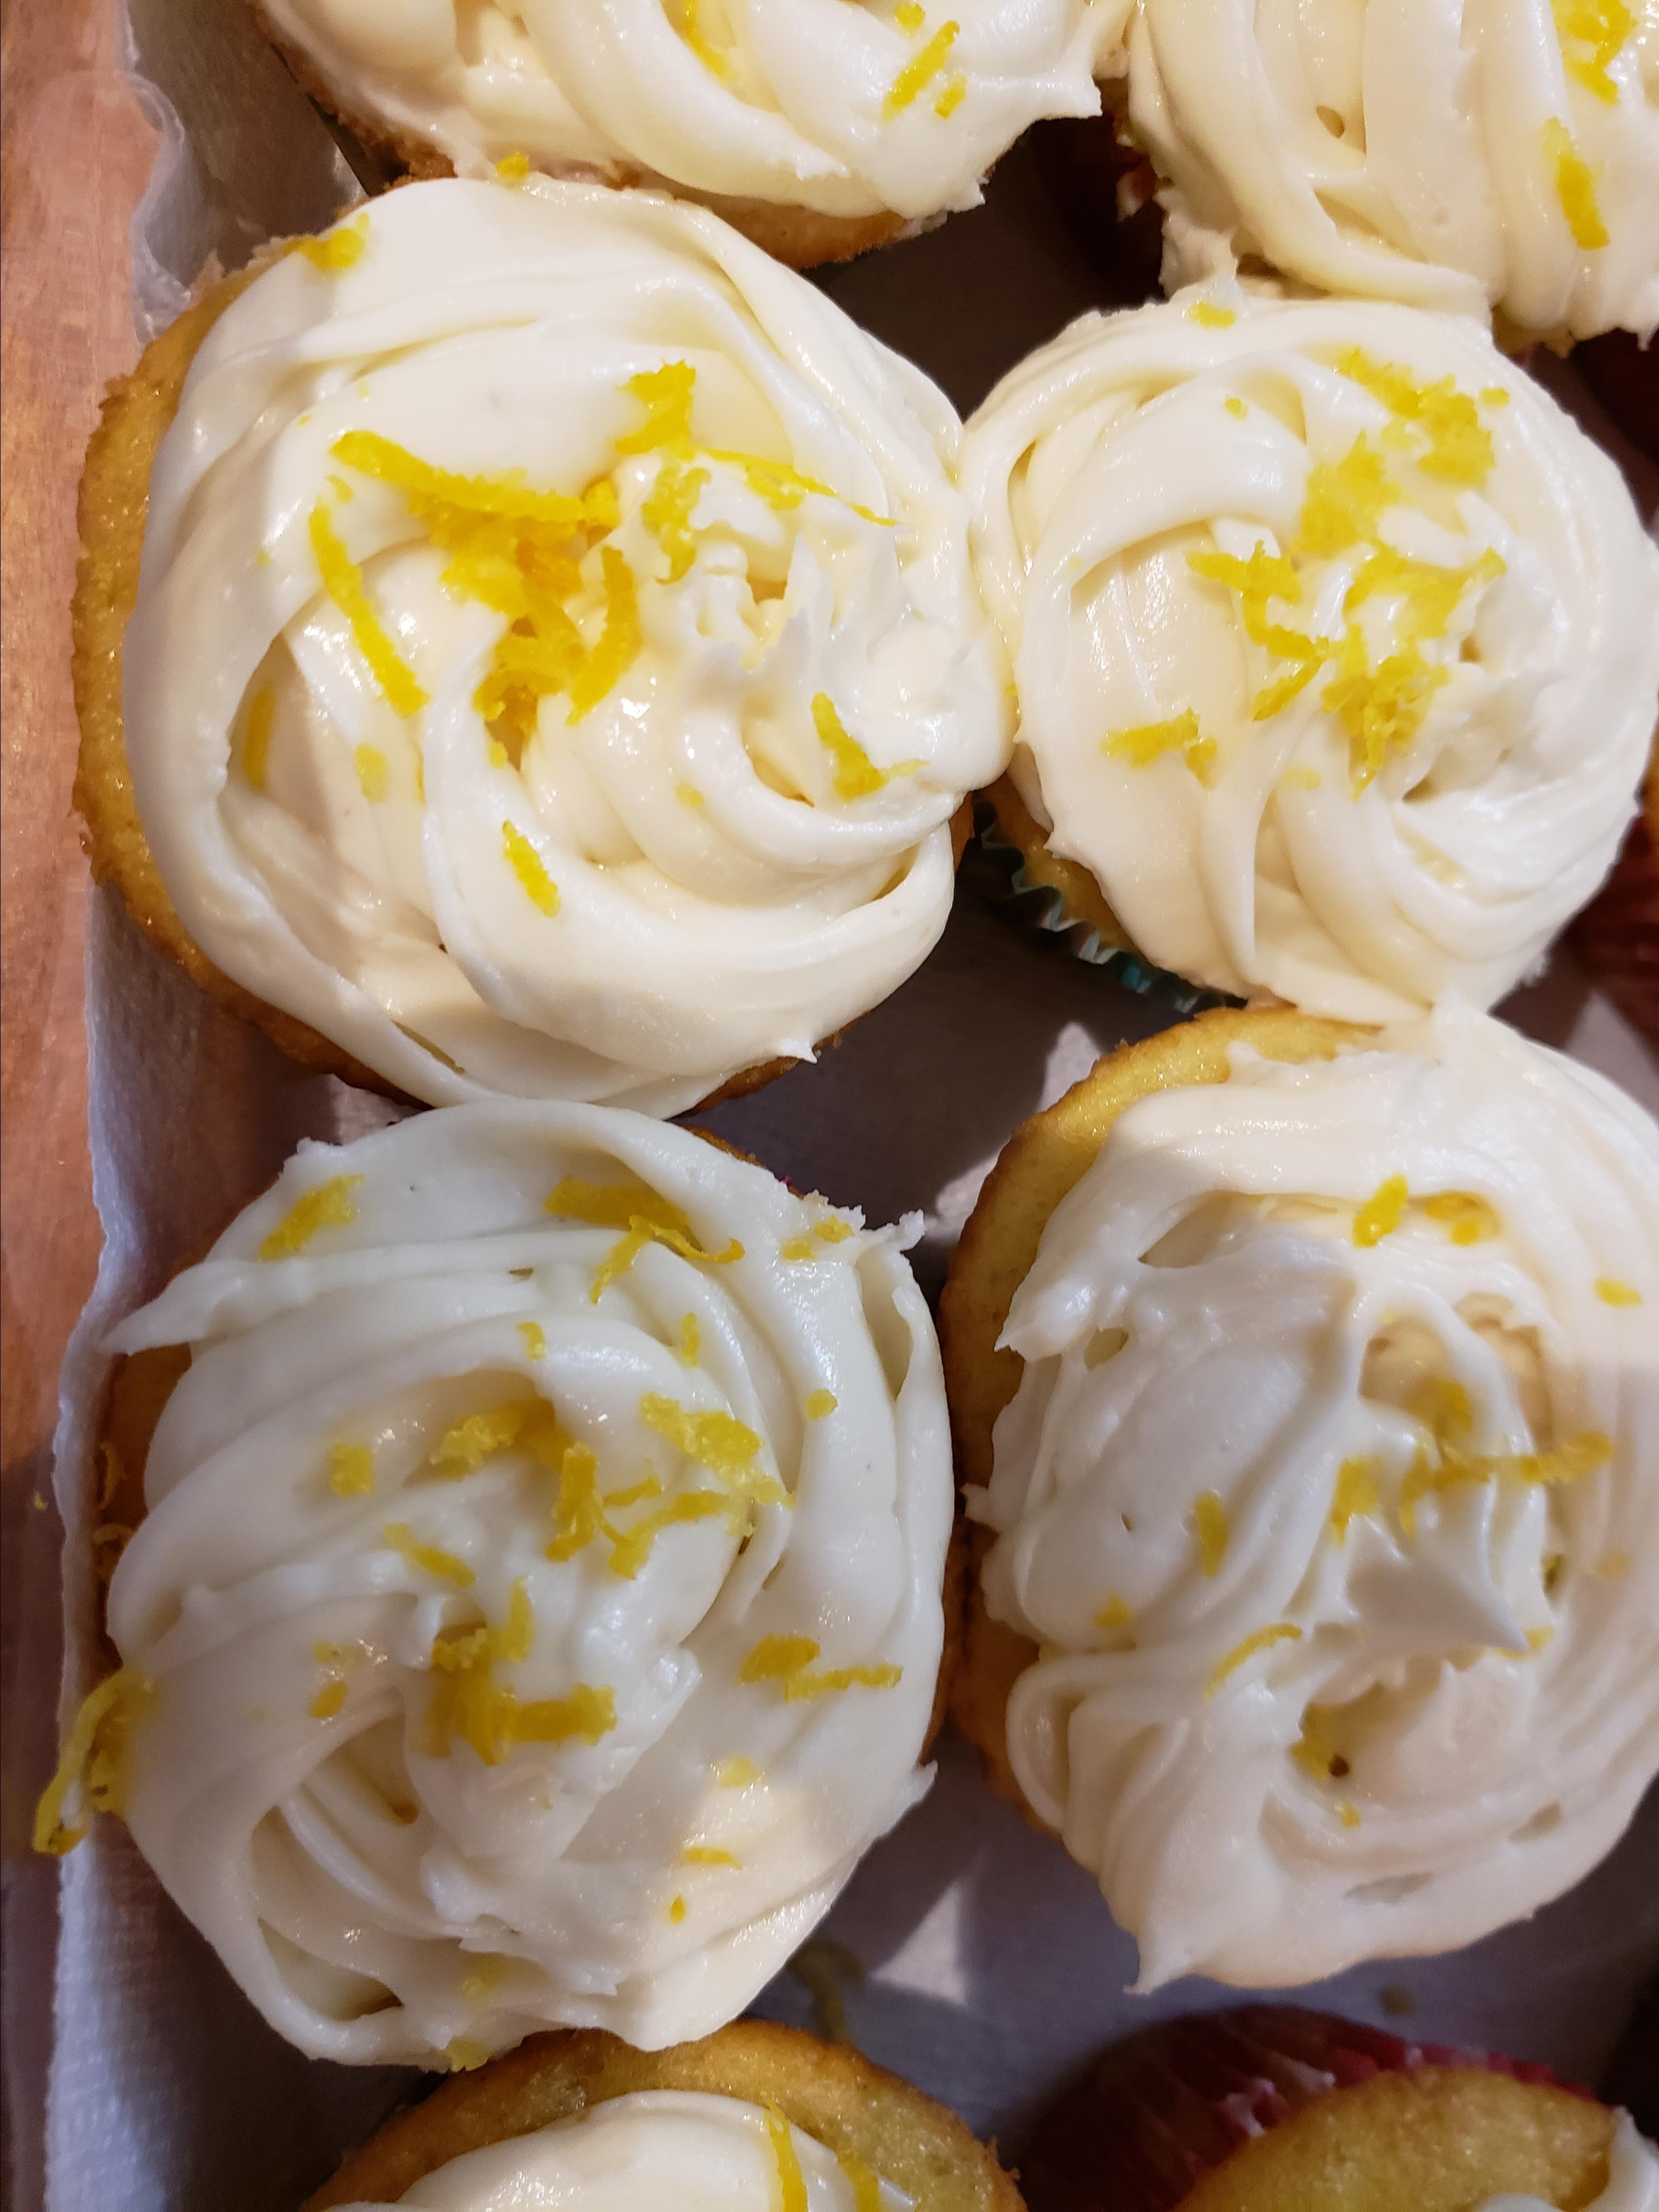 Lemon-Filled Cupcakes Carolyn Cota